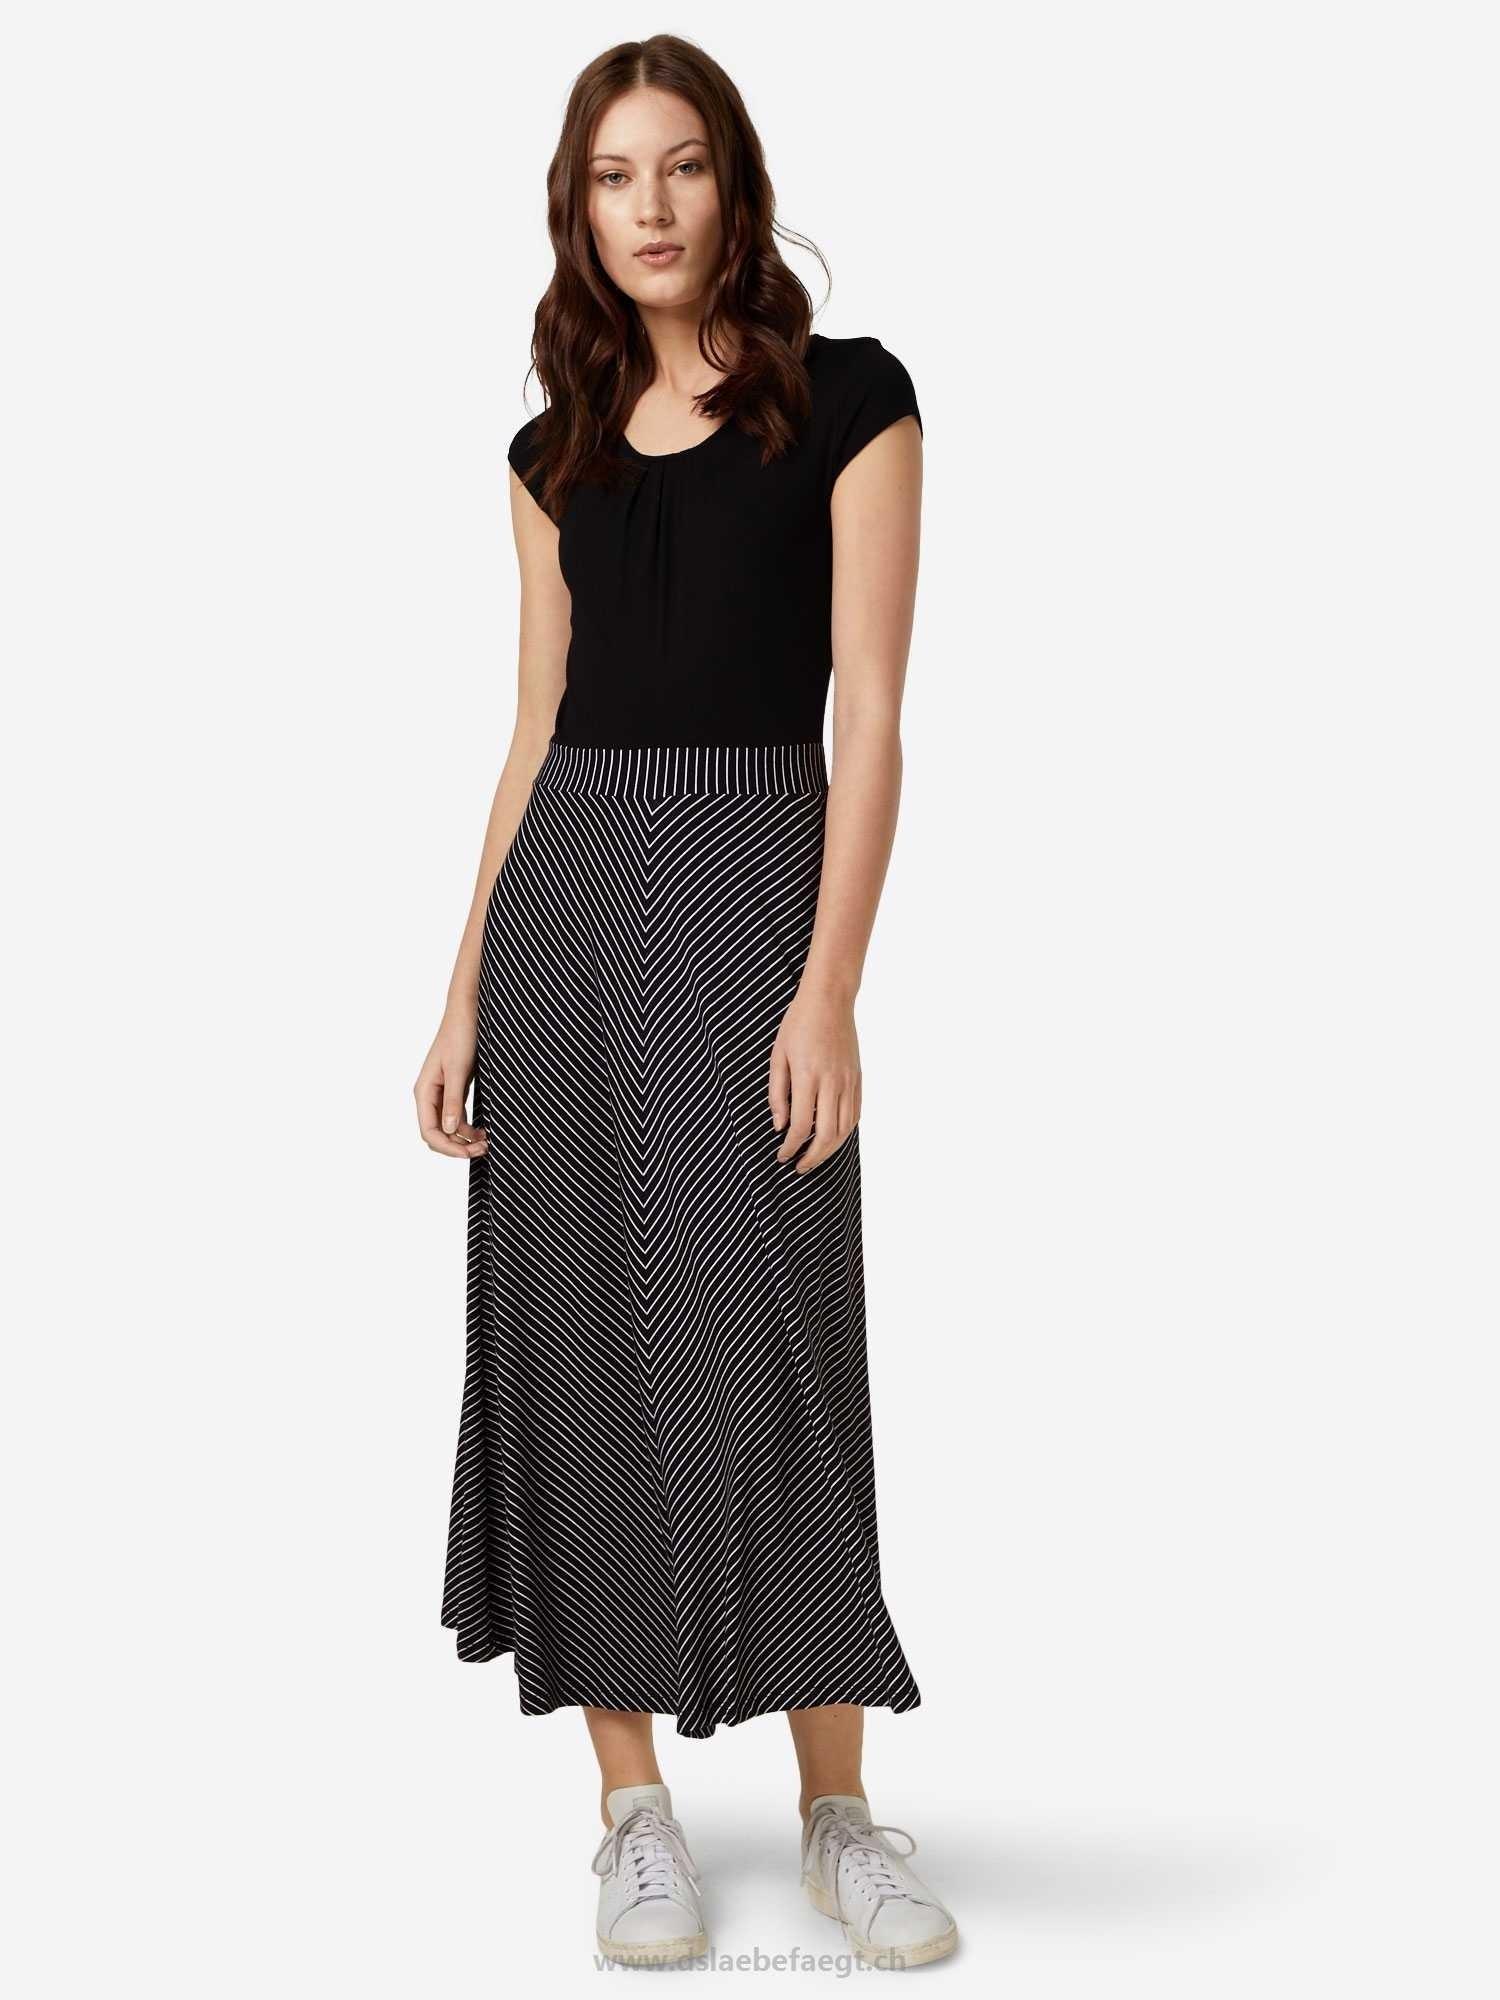 13 Perfekt Damenkleider Gr 50 Boutique17 Coolste Damenkleider Gr 50 für 2019